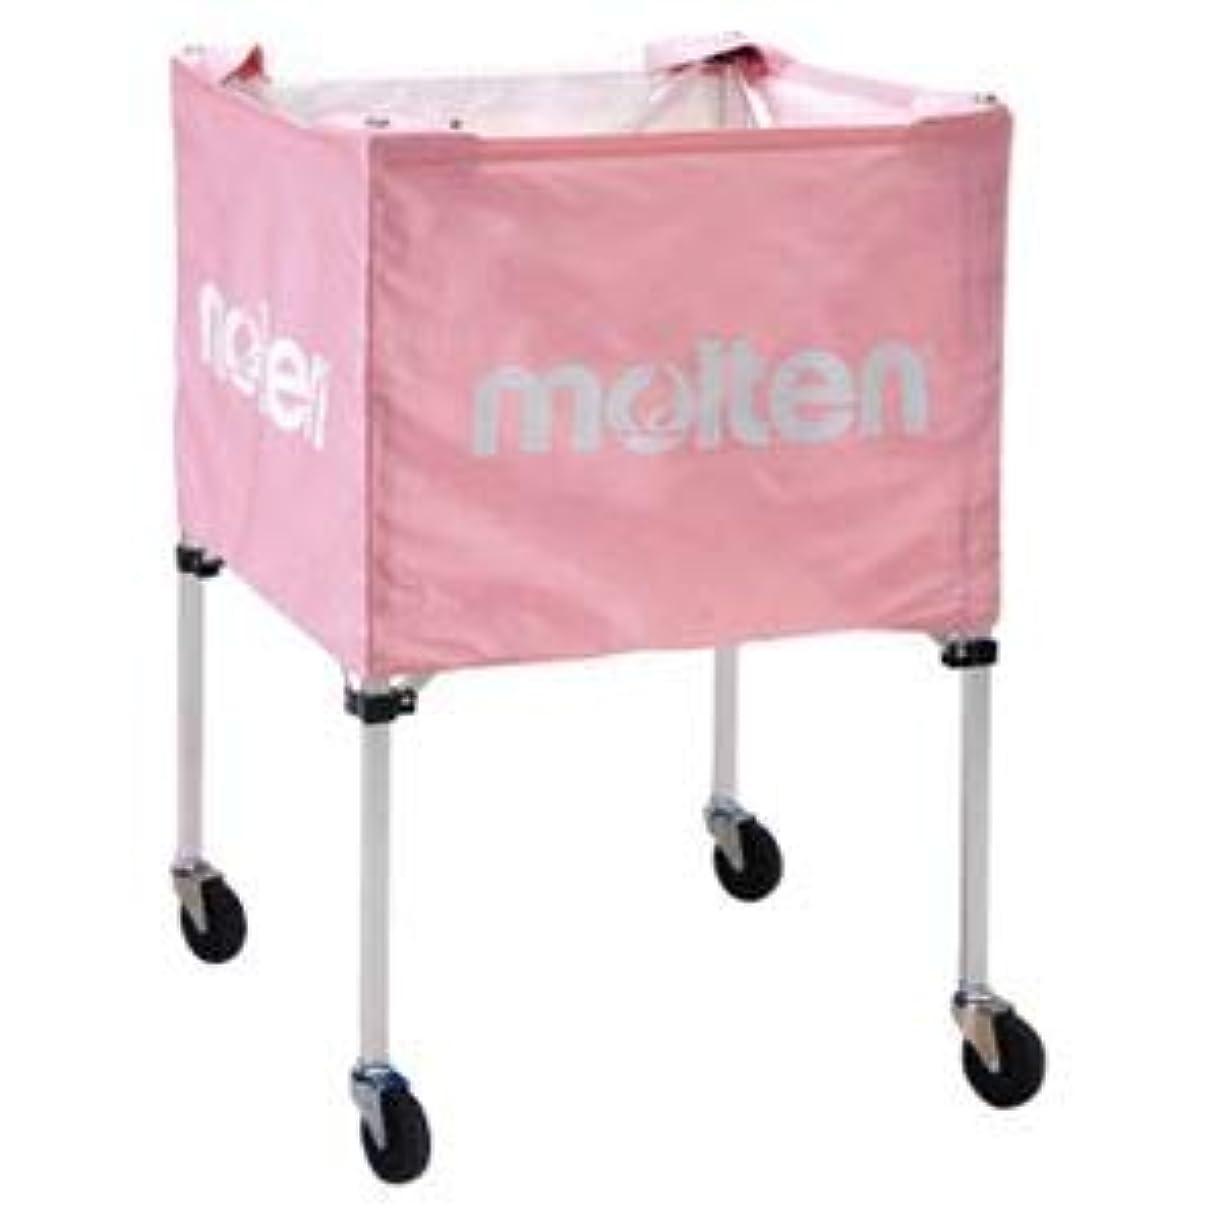 店主ブルゴーニュ満足できるモルテン(Molten) 折りたたみ式ボールカゴ(屋外用)ピンク BK20HOTPK